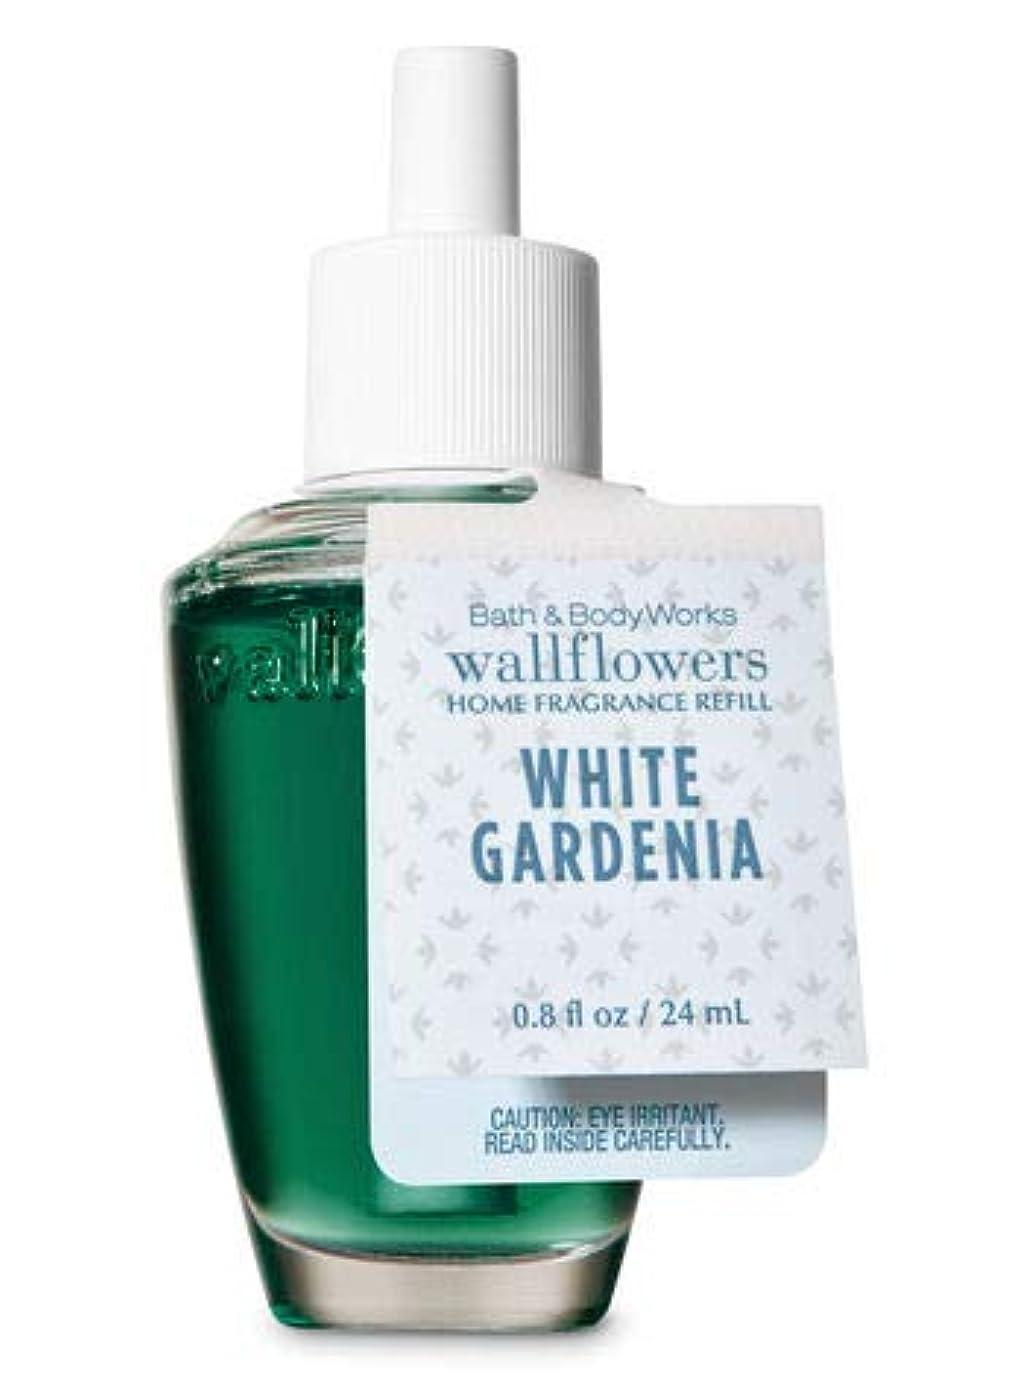 不安定掻く倒錯【Bath&Body Works/バス&ボディワークス】 ルームフレグランス 詰替えリフィル ホワイトガーデニア Wallflowers Home Fragrance Refill White Gardenia [並行輸入品]